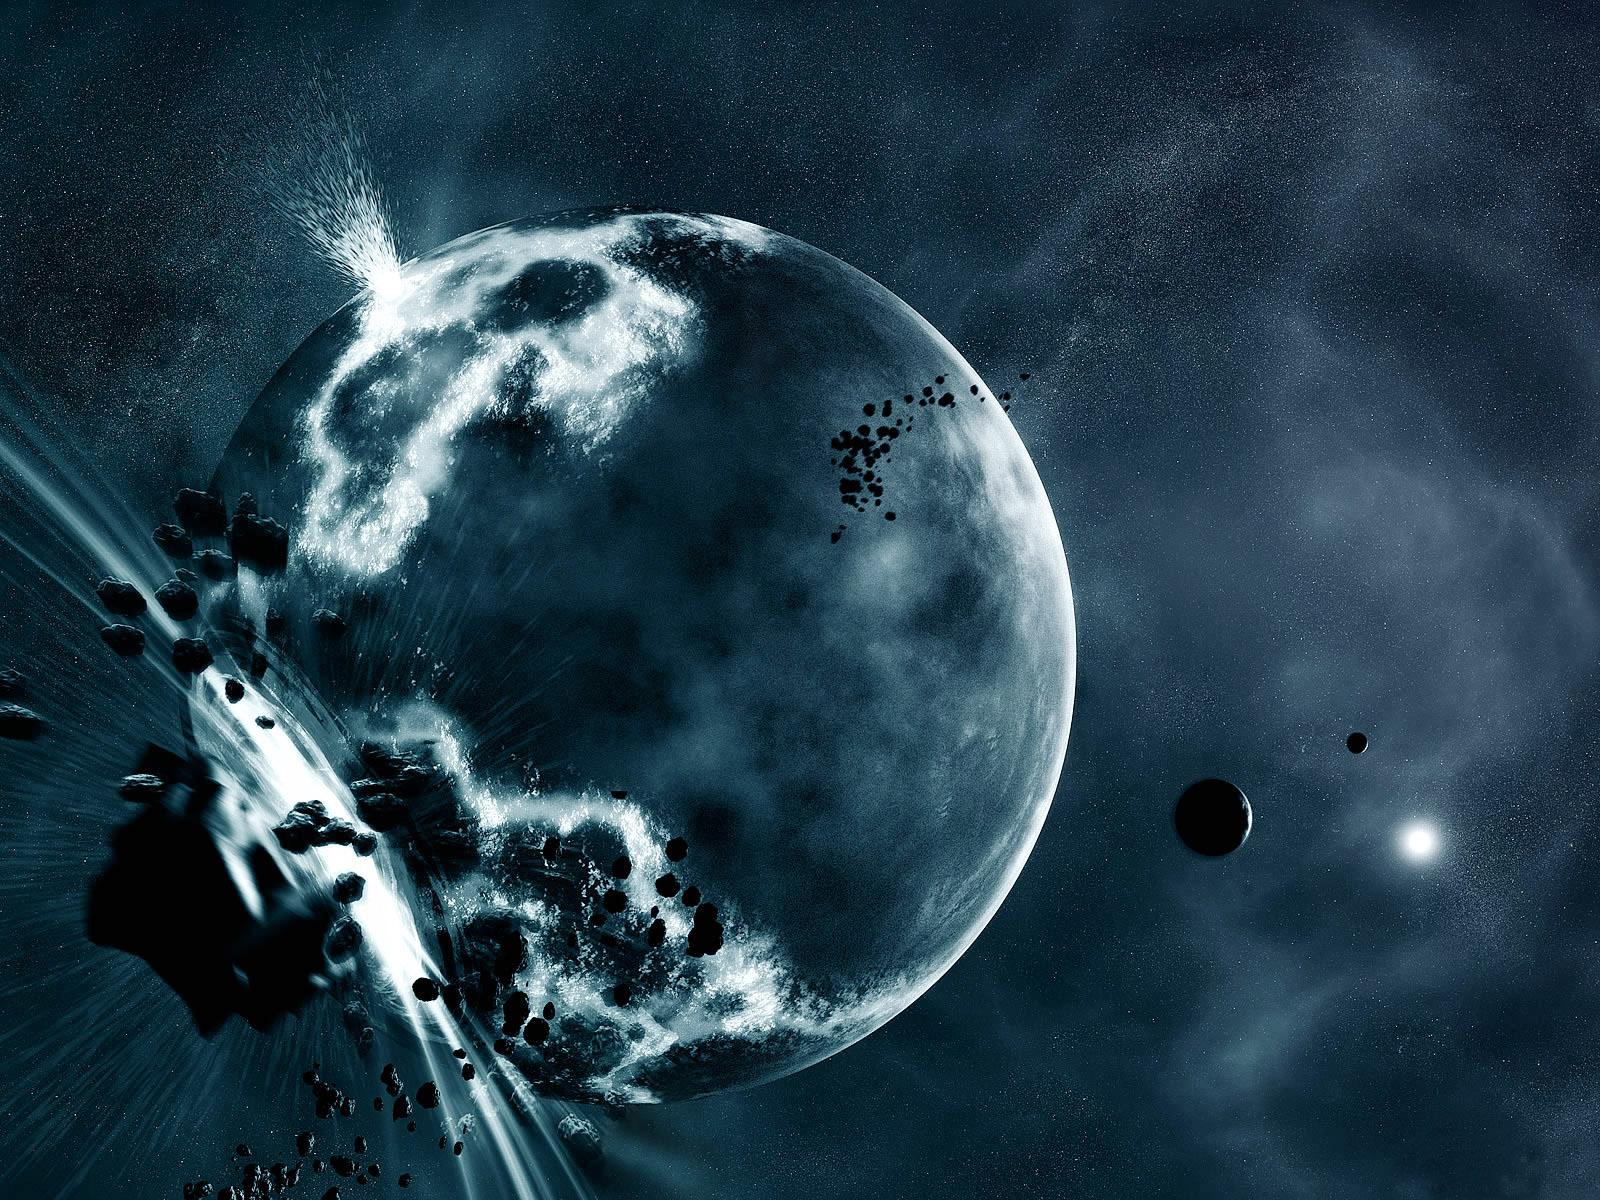 http://1.bp.blogspot.com/-ZIZz2PHCHVQ/Tg02_D-1p1I/AAAAAAAAAys/TlggKPvpZoo/s1600/Space%2BArt%2BWallpapers%2B04-667197.jpeg